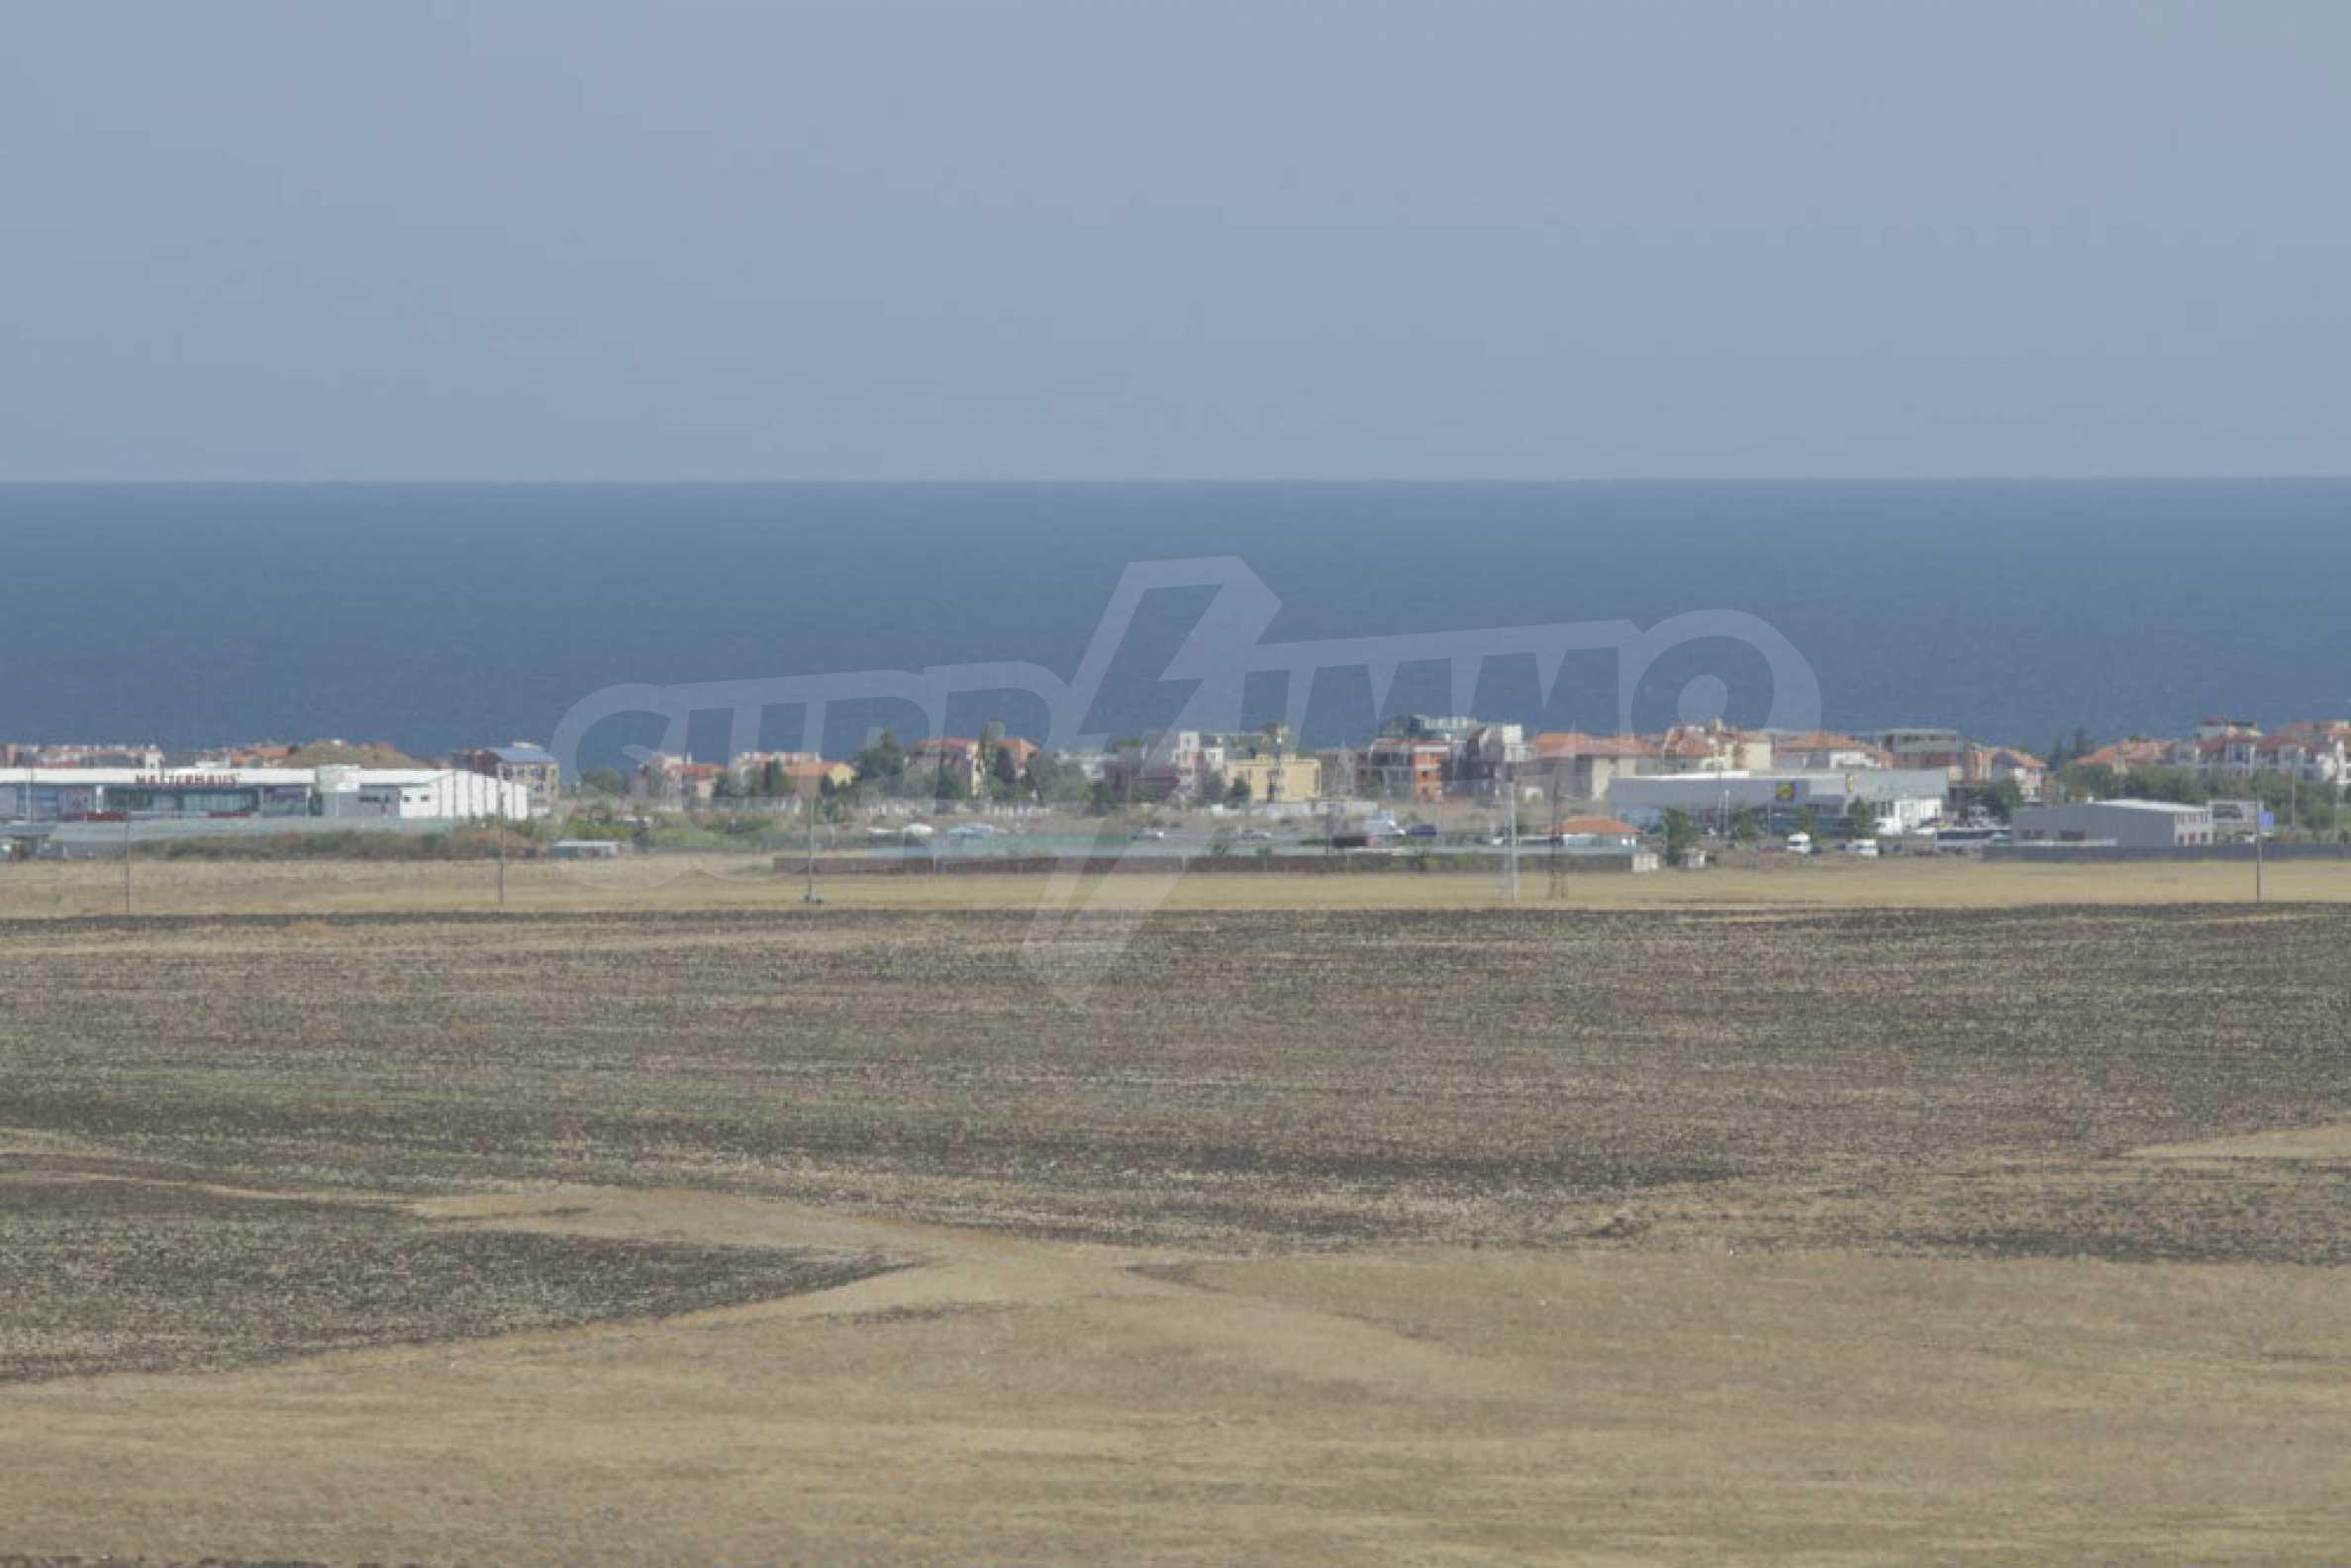 Attraktives Grundstück für Investieren in der Nähe des historischen Komplexes Aheloy 917 und Sonnenstrand, bei Tankowo und Aheloy 22